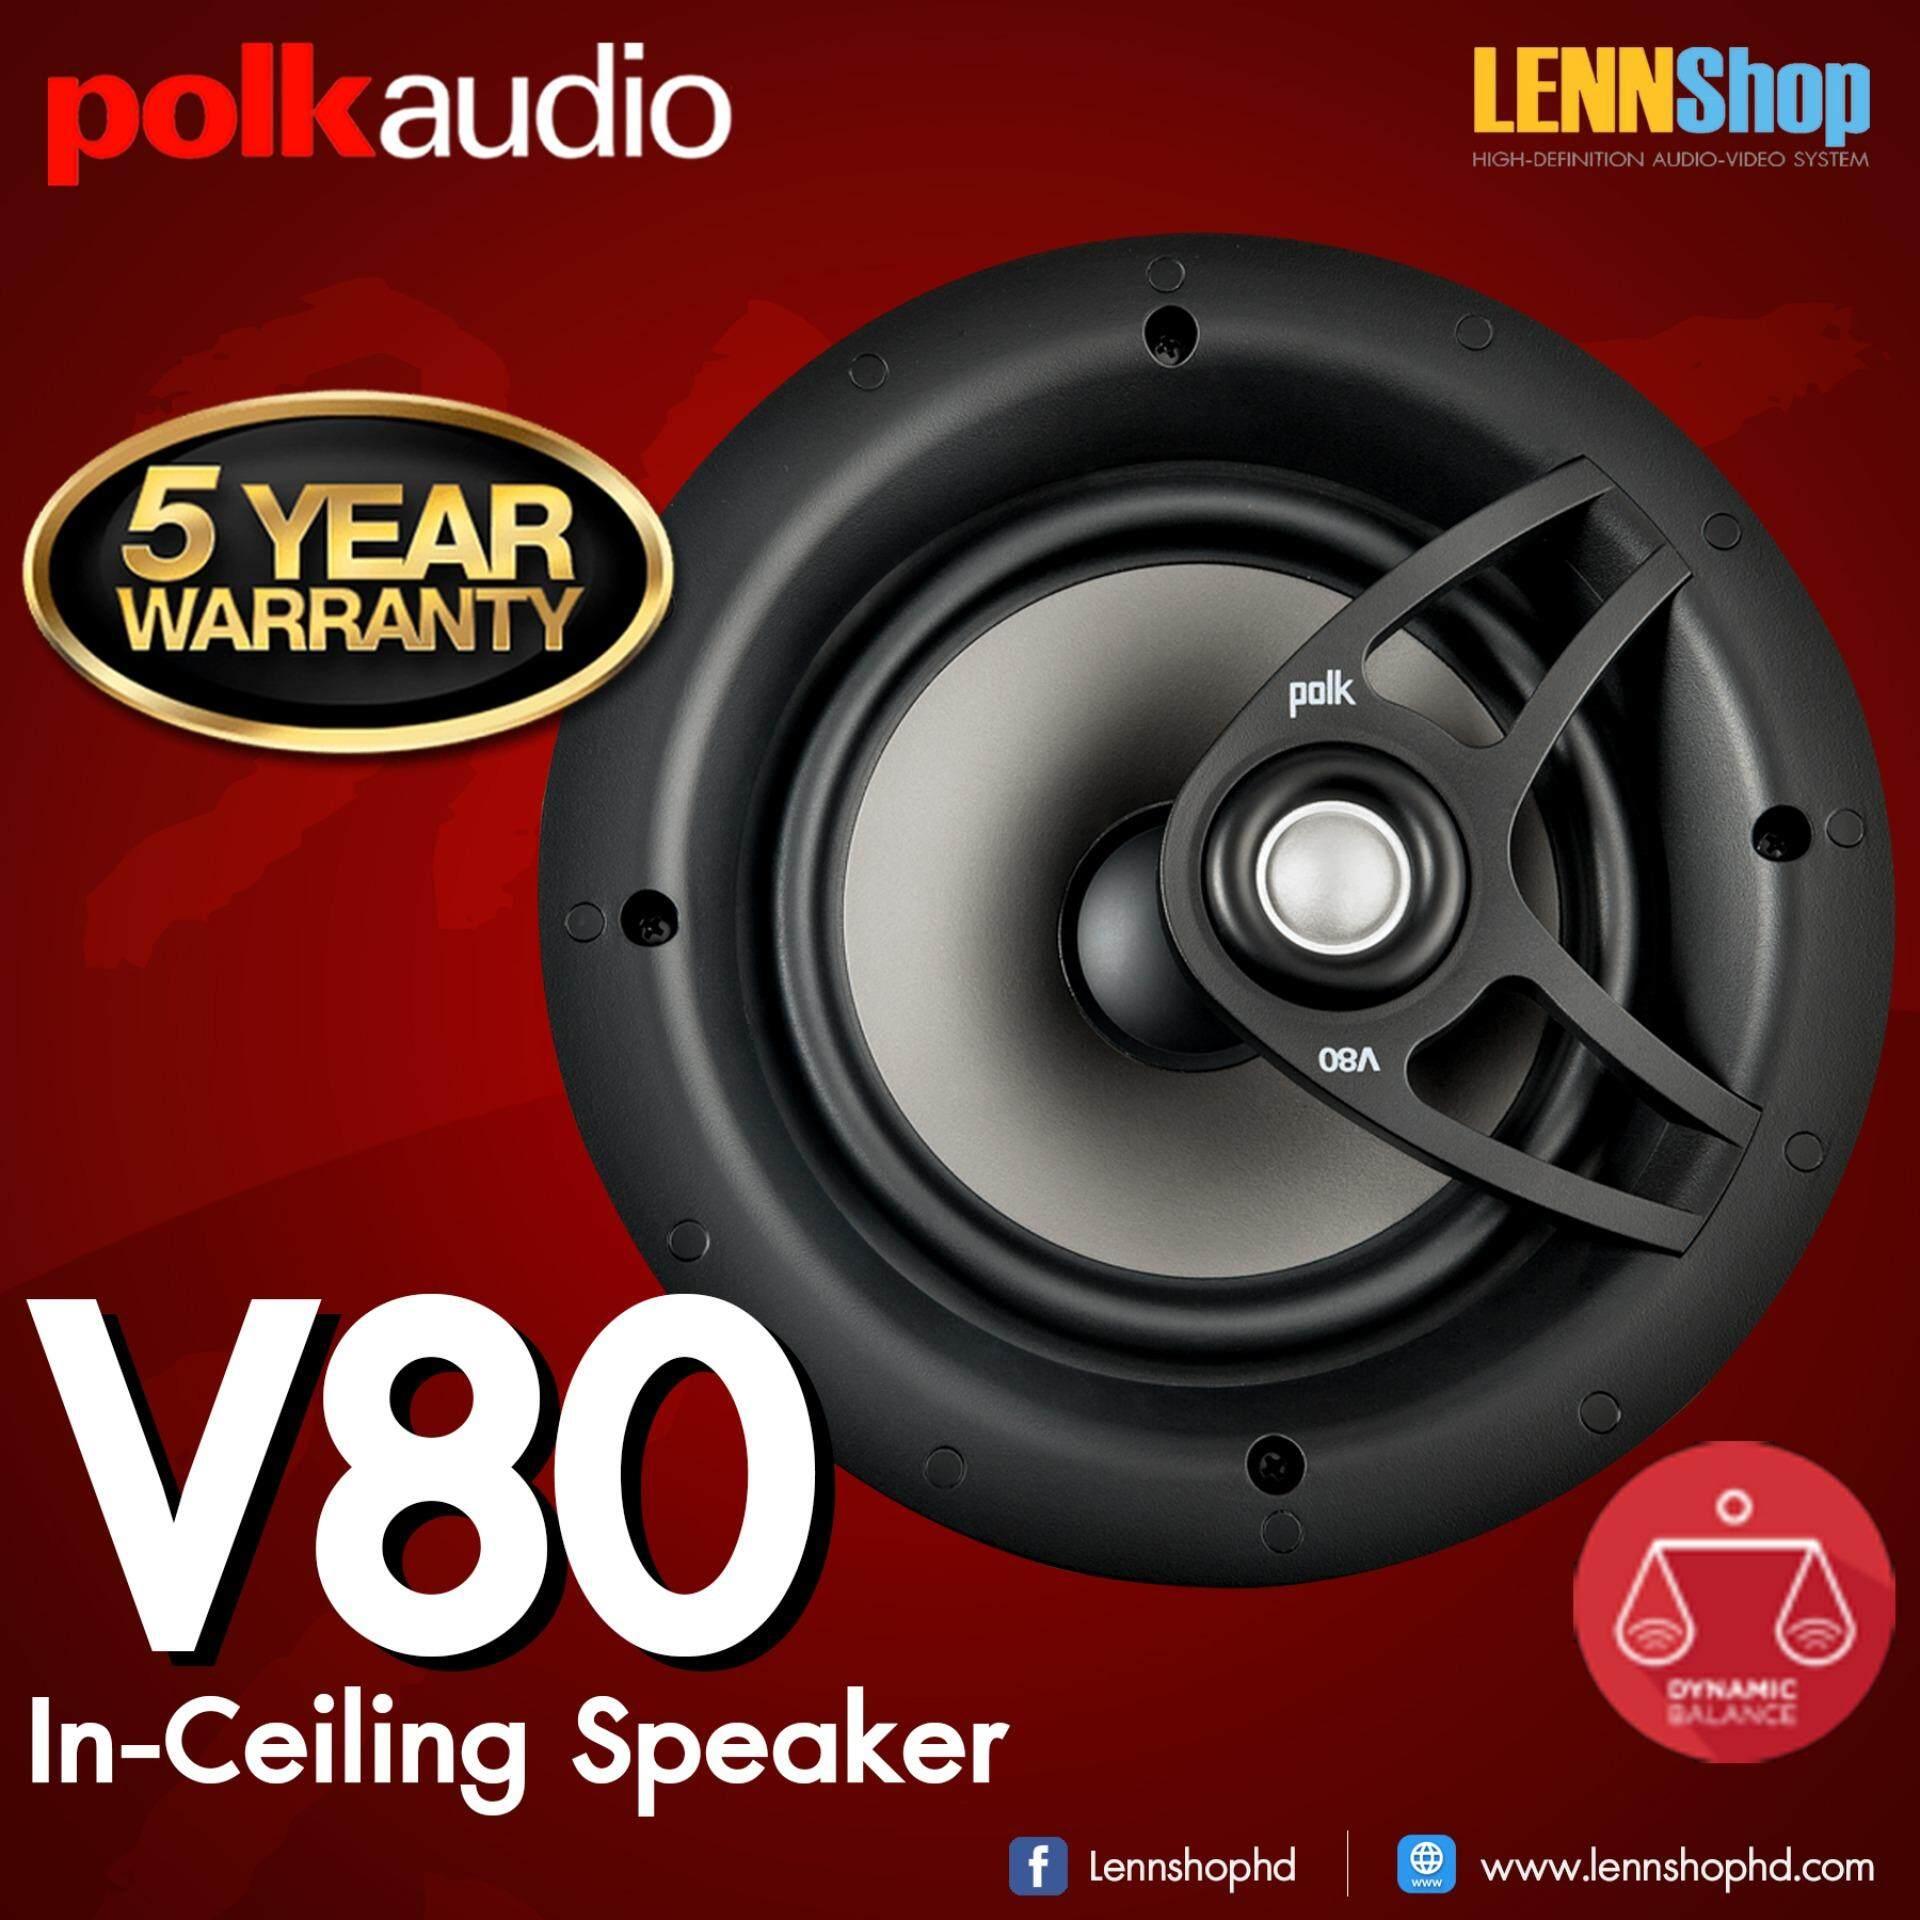 ยี่ห้อนี้ดีไหม  เลย Polk Audio V80 In-Ceiling Speaker (single)เดี่ยว 1 ตัว For Atmos Speaker รับประกัน 5ปี ศูนย์ POWER BUY จากผู้นำเข้าอย่างเป็นทางการ